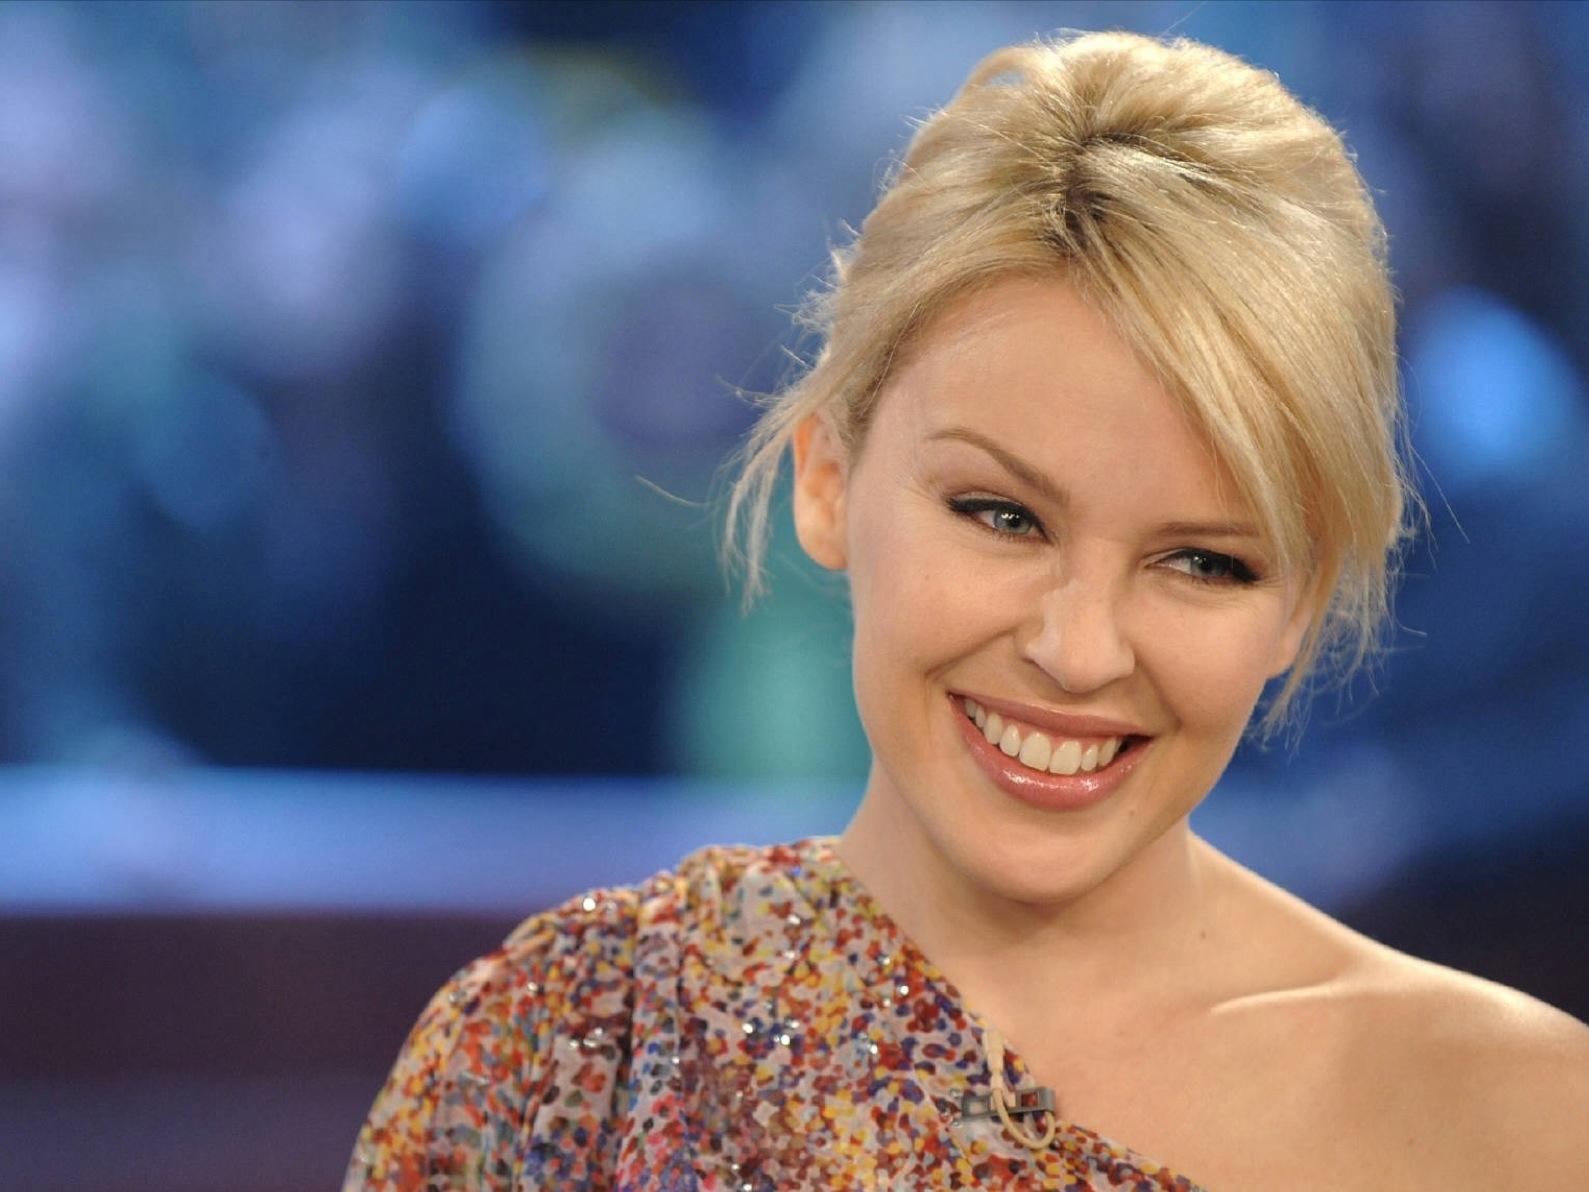 actress good smiling - photo #48